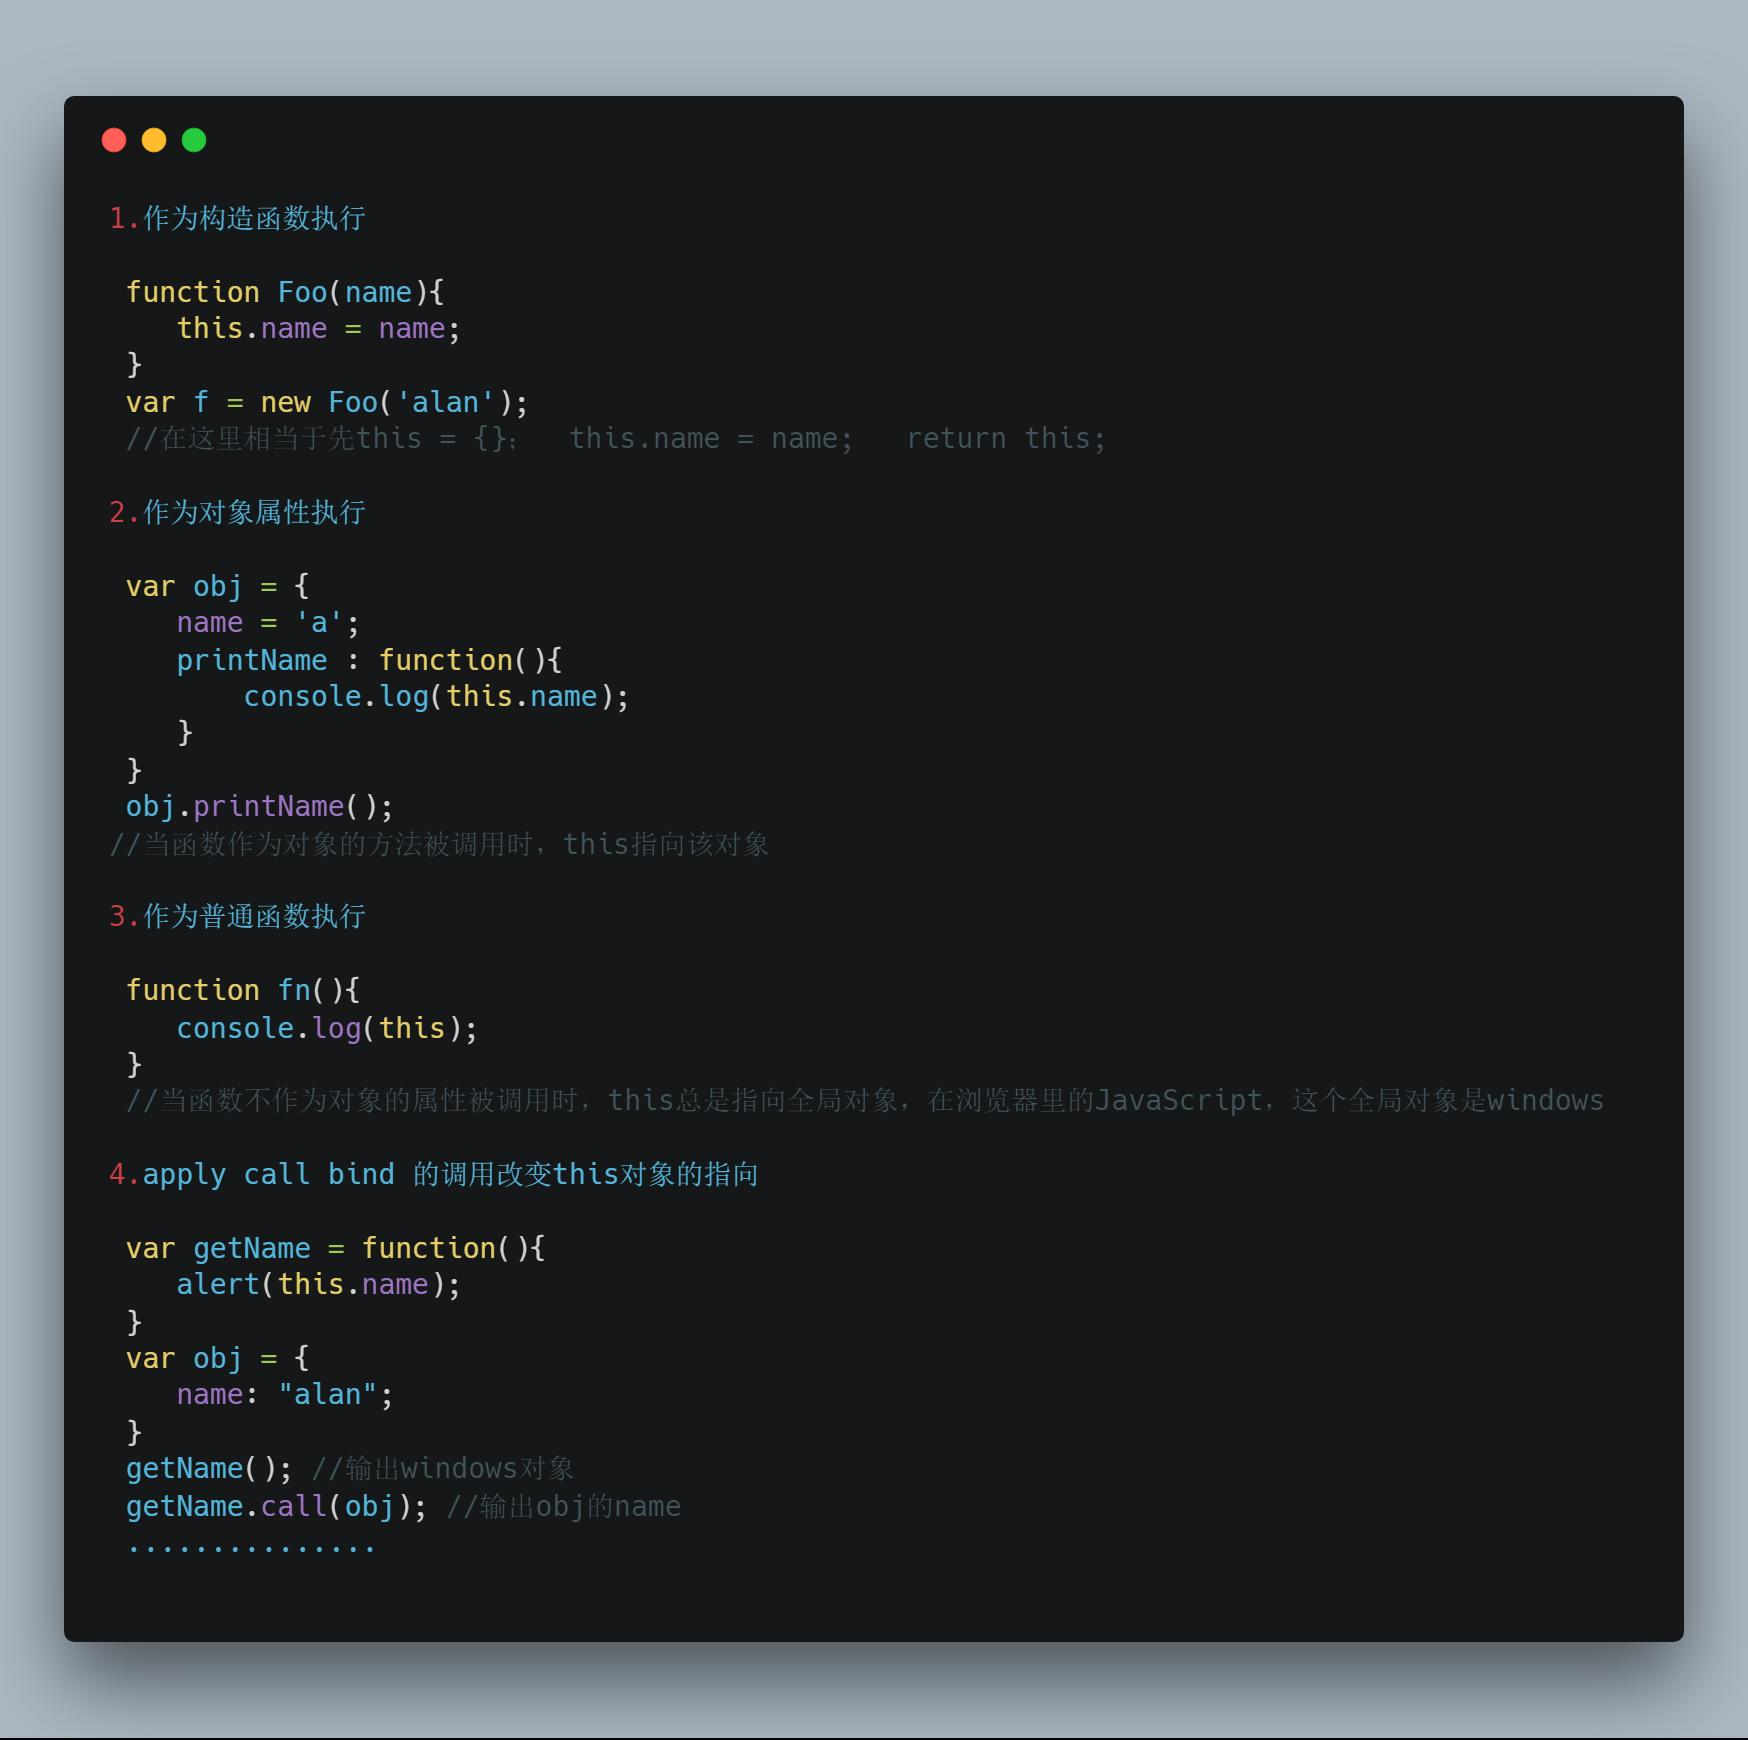 前端面試-----JavaScript作用域與閉包 - 程序員大本營